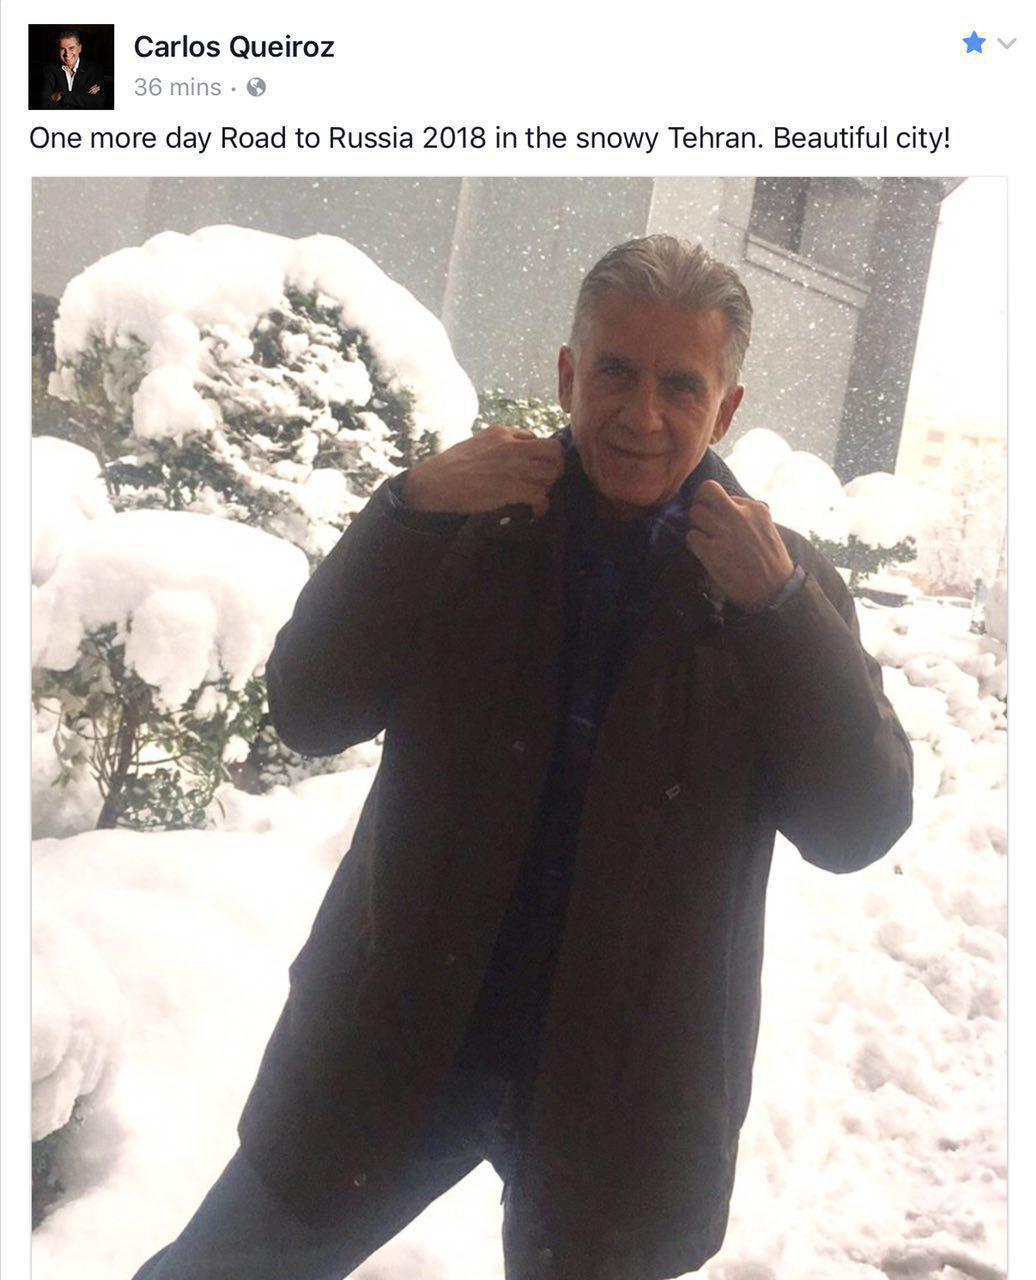 کی روش خندان و شاد در هوای برفی تهران